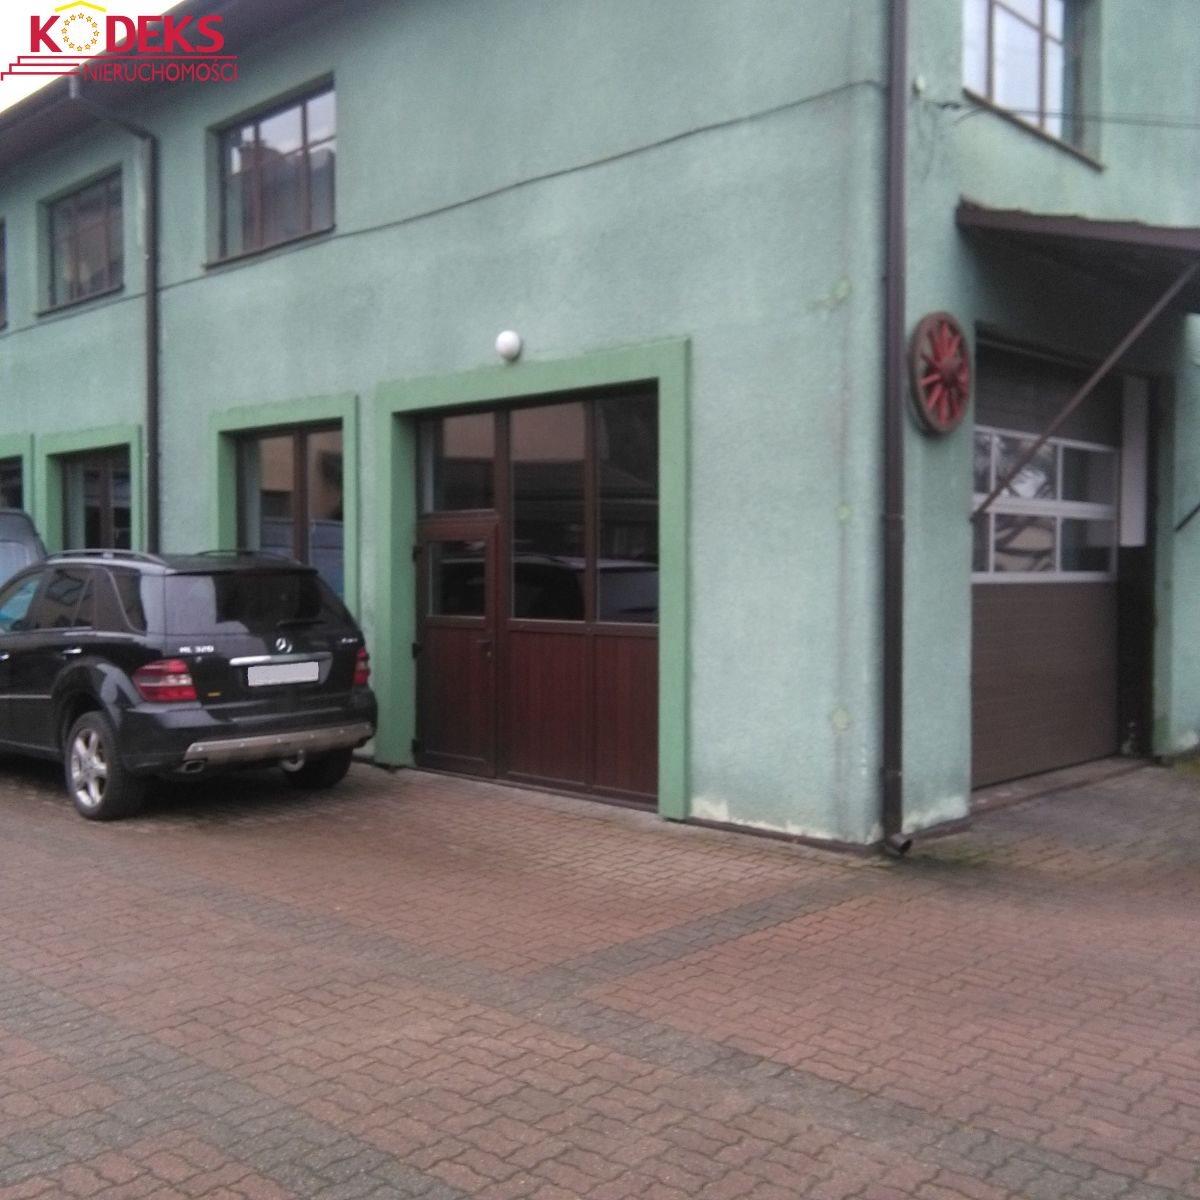 Lokal użytkowy na sprzedaż Legionowo  550m2 Foto 3